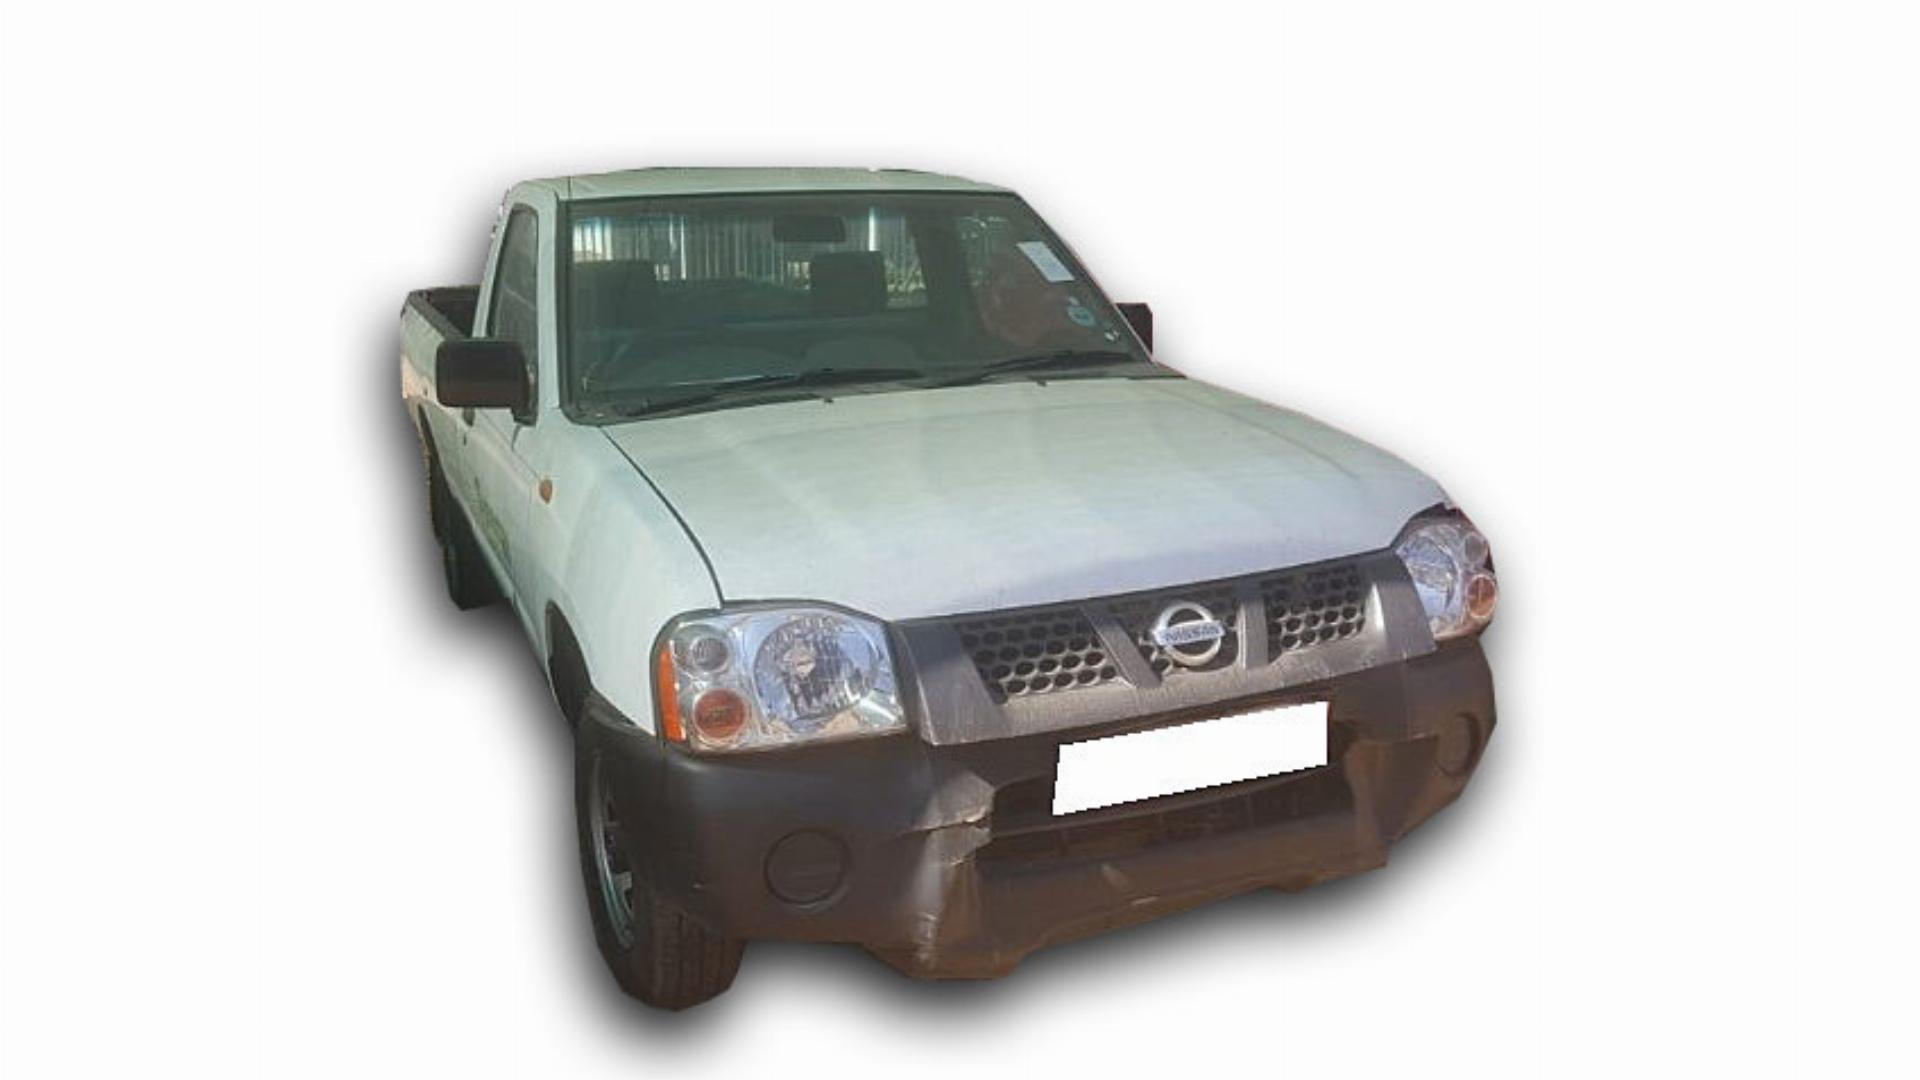 Nissan NP 300 2.0I LWB